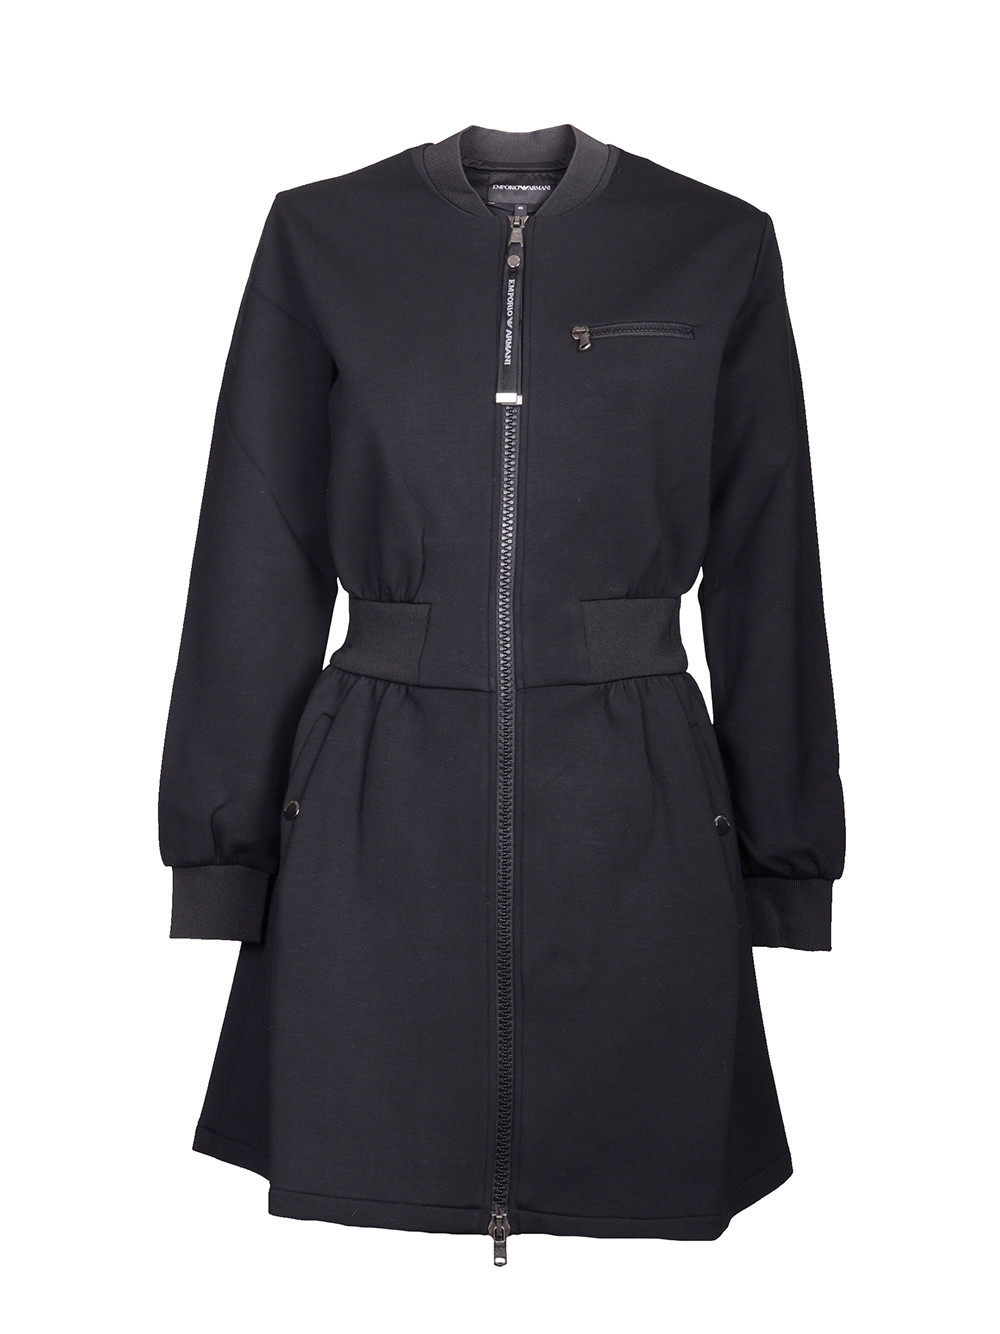 084e04aafcd Emporio Armani dámská bunda černá 6Z2LA1 2J21Z 0999 č.1